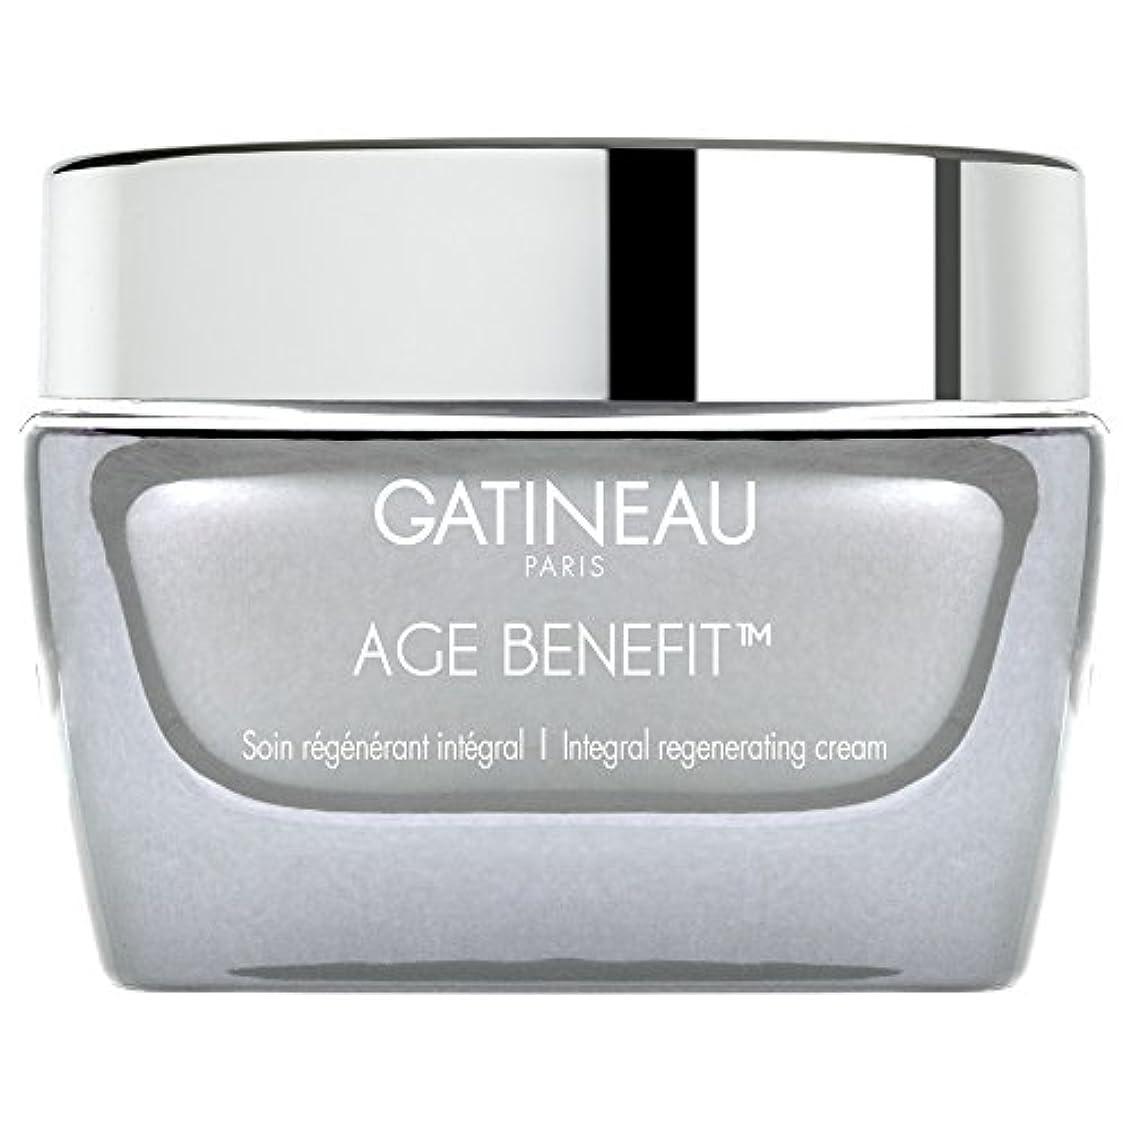 ダンス修復ガウンクリームを再生ガティノー年齢給付、50ミリリットル (Gatineau) (x2) - Gatineau Age Benefit Regenerating Cream, 50ml (Pack of 2) [並行輸入品]